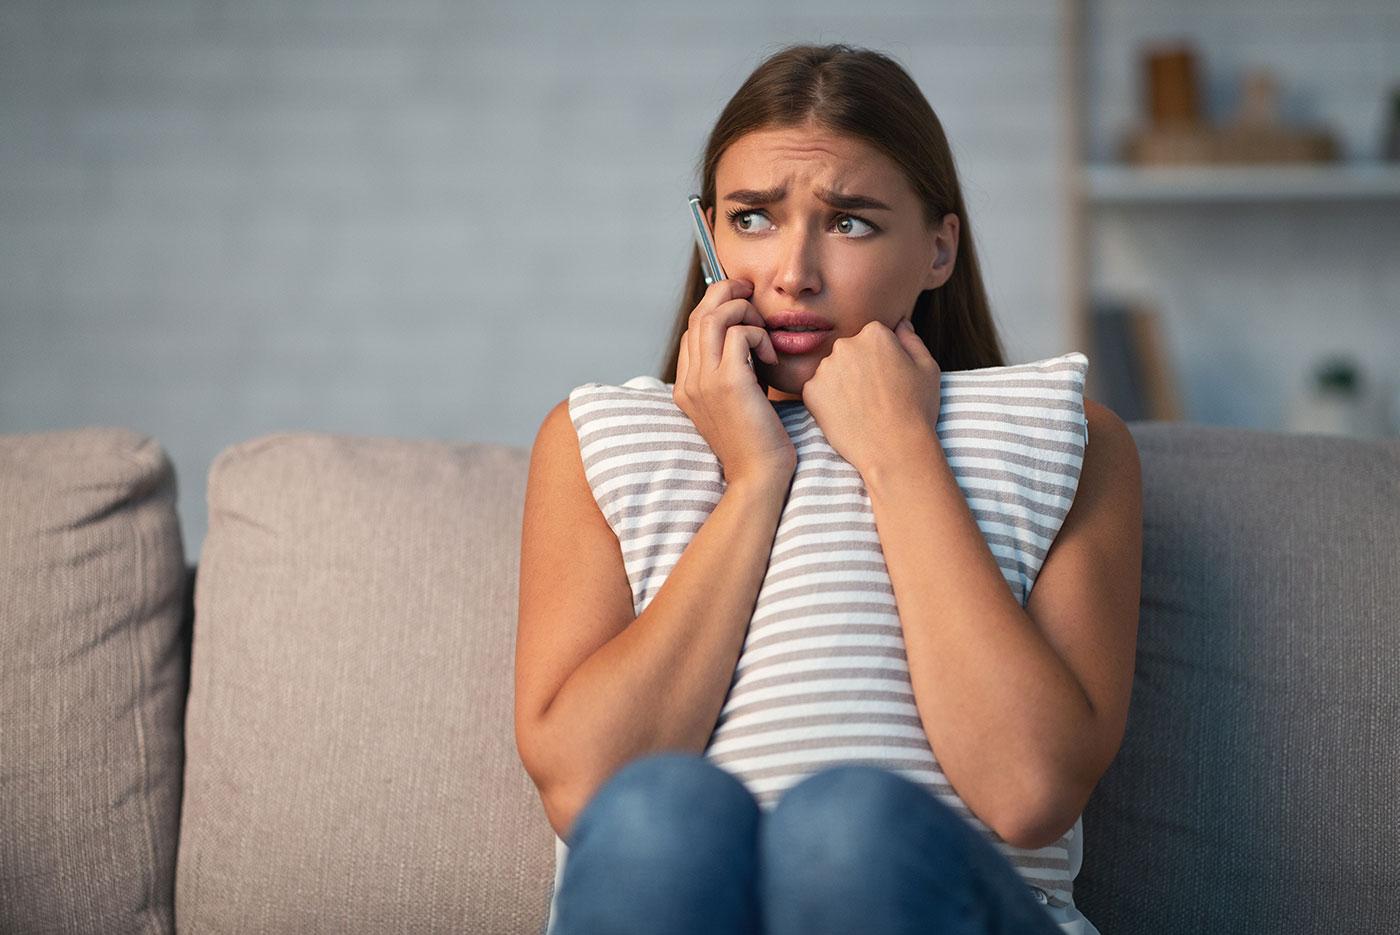 Terapia para miedos y fobias, psicólogos especialistas en fobias en Madrid